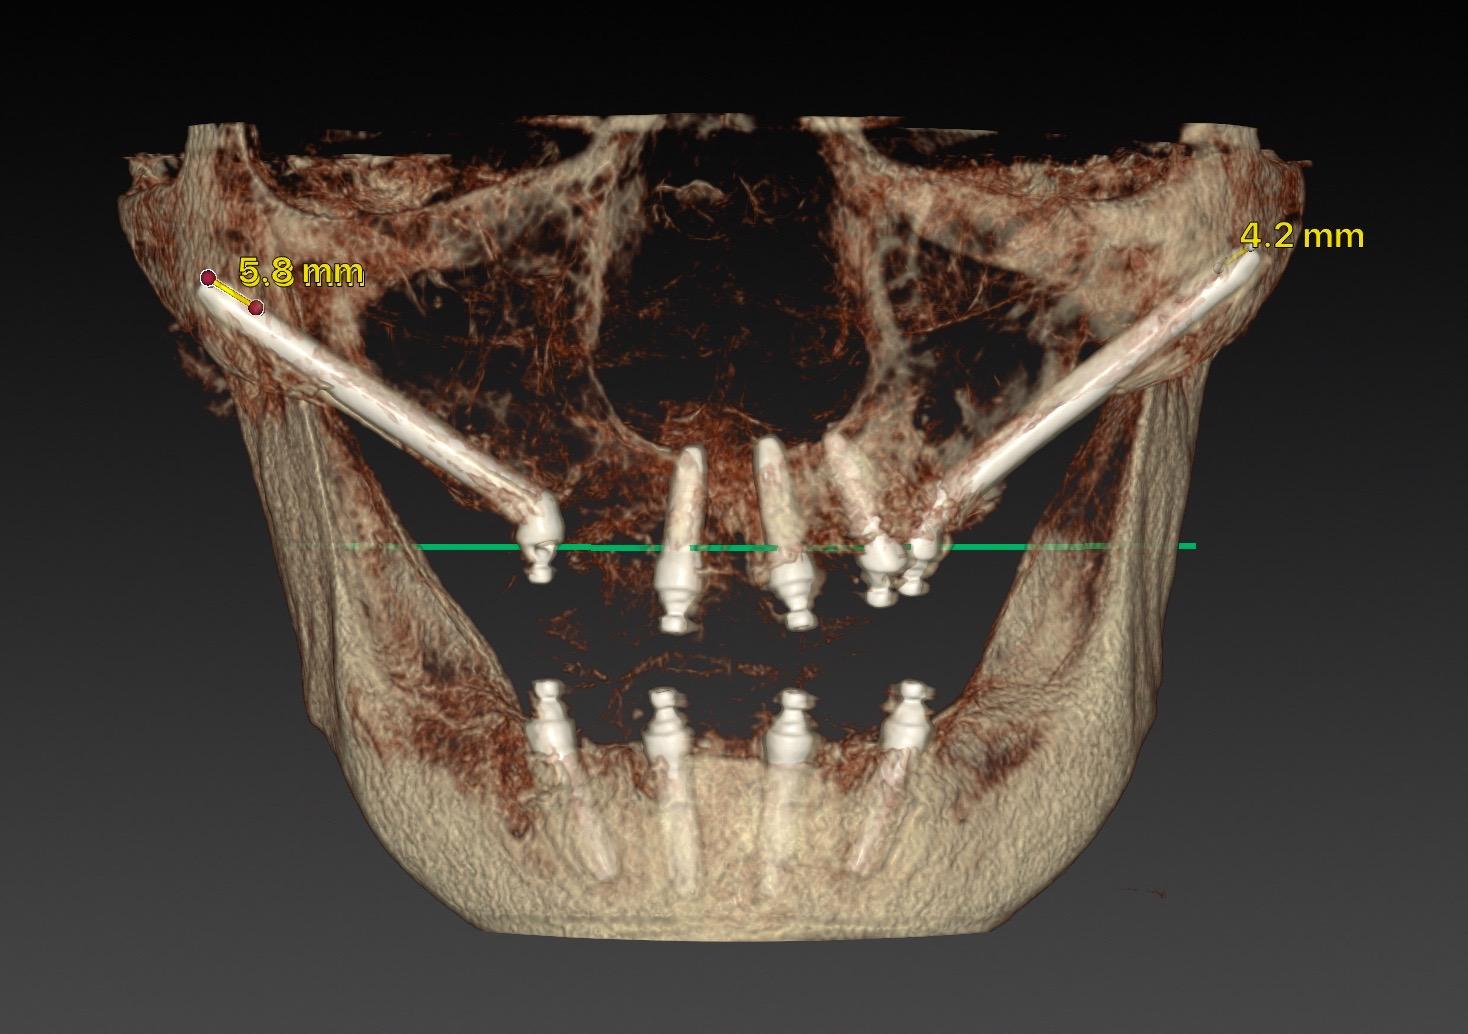 新竹植牙全口顴骨植體手術